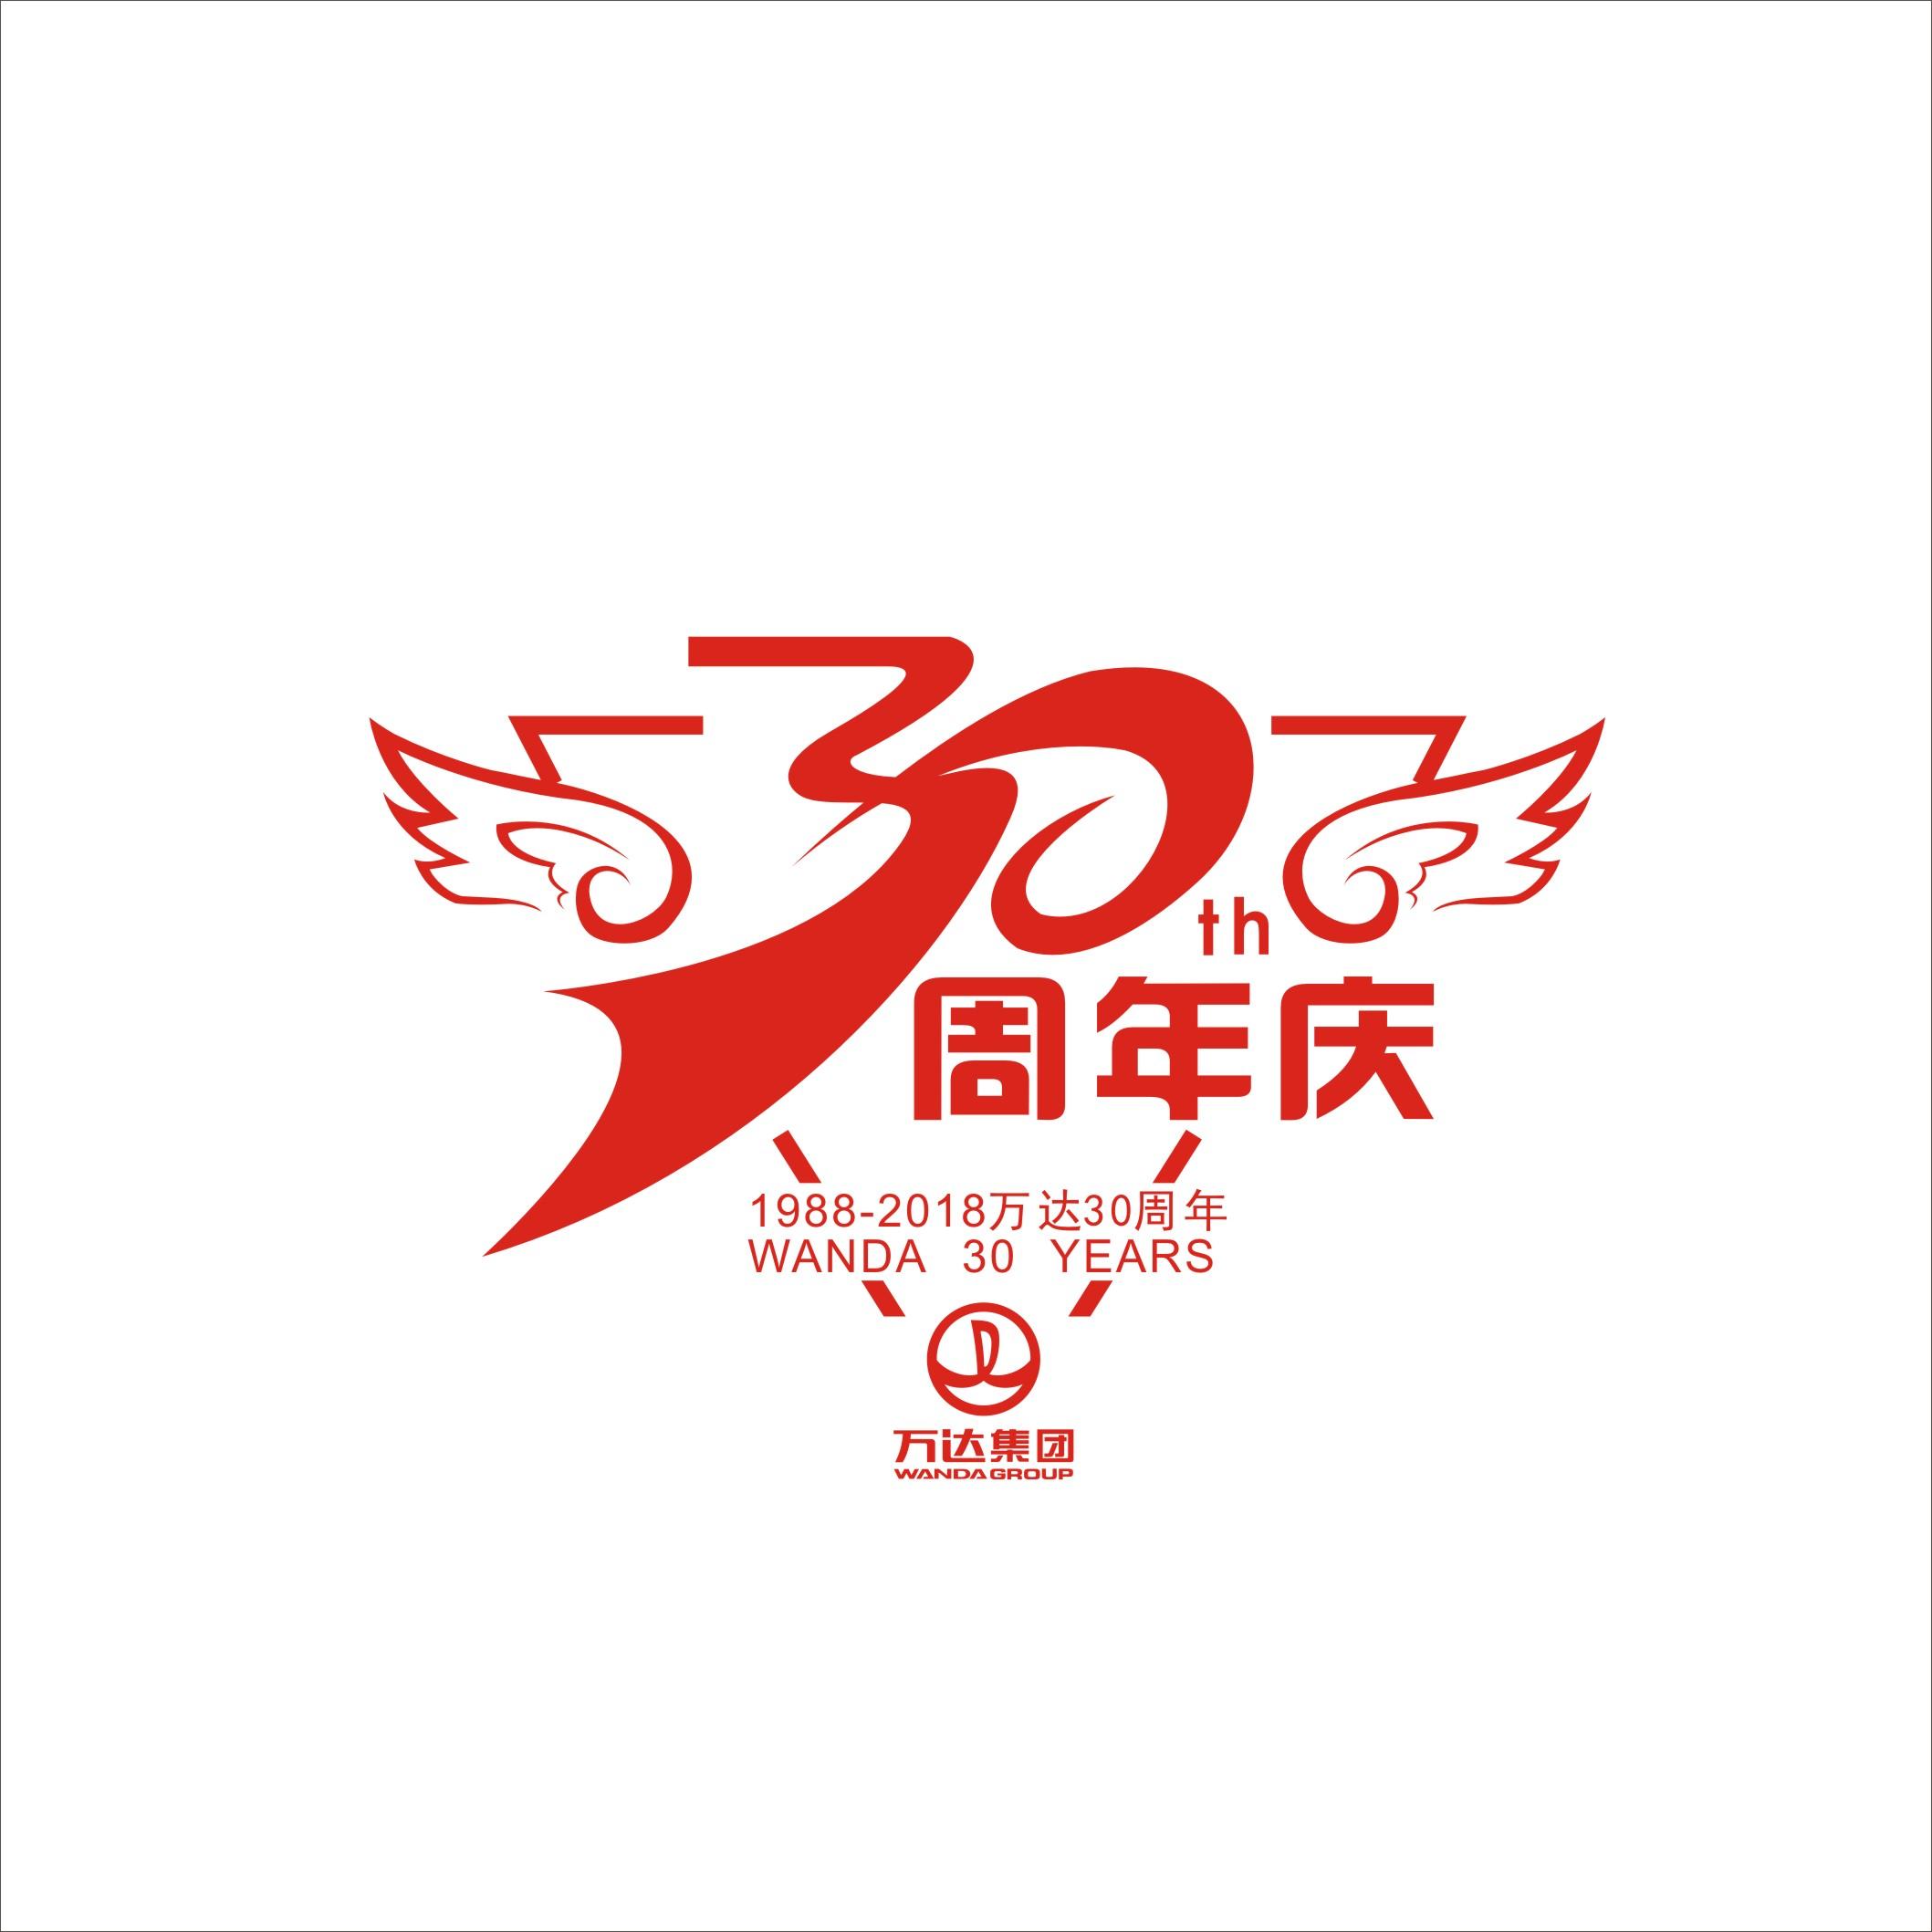 万达集团30周年logo设计图片